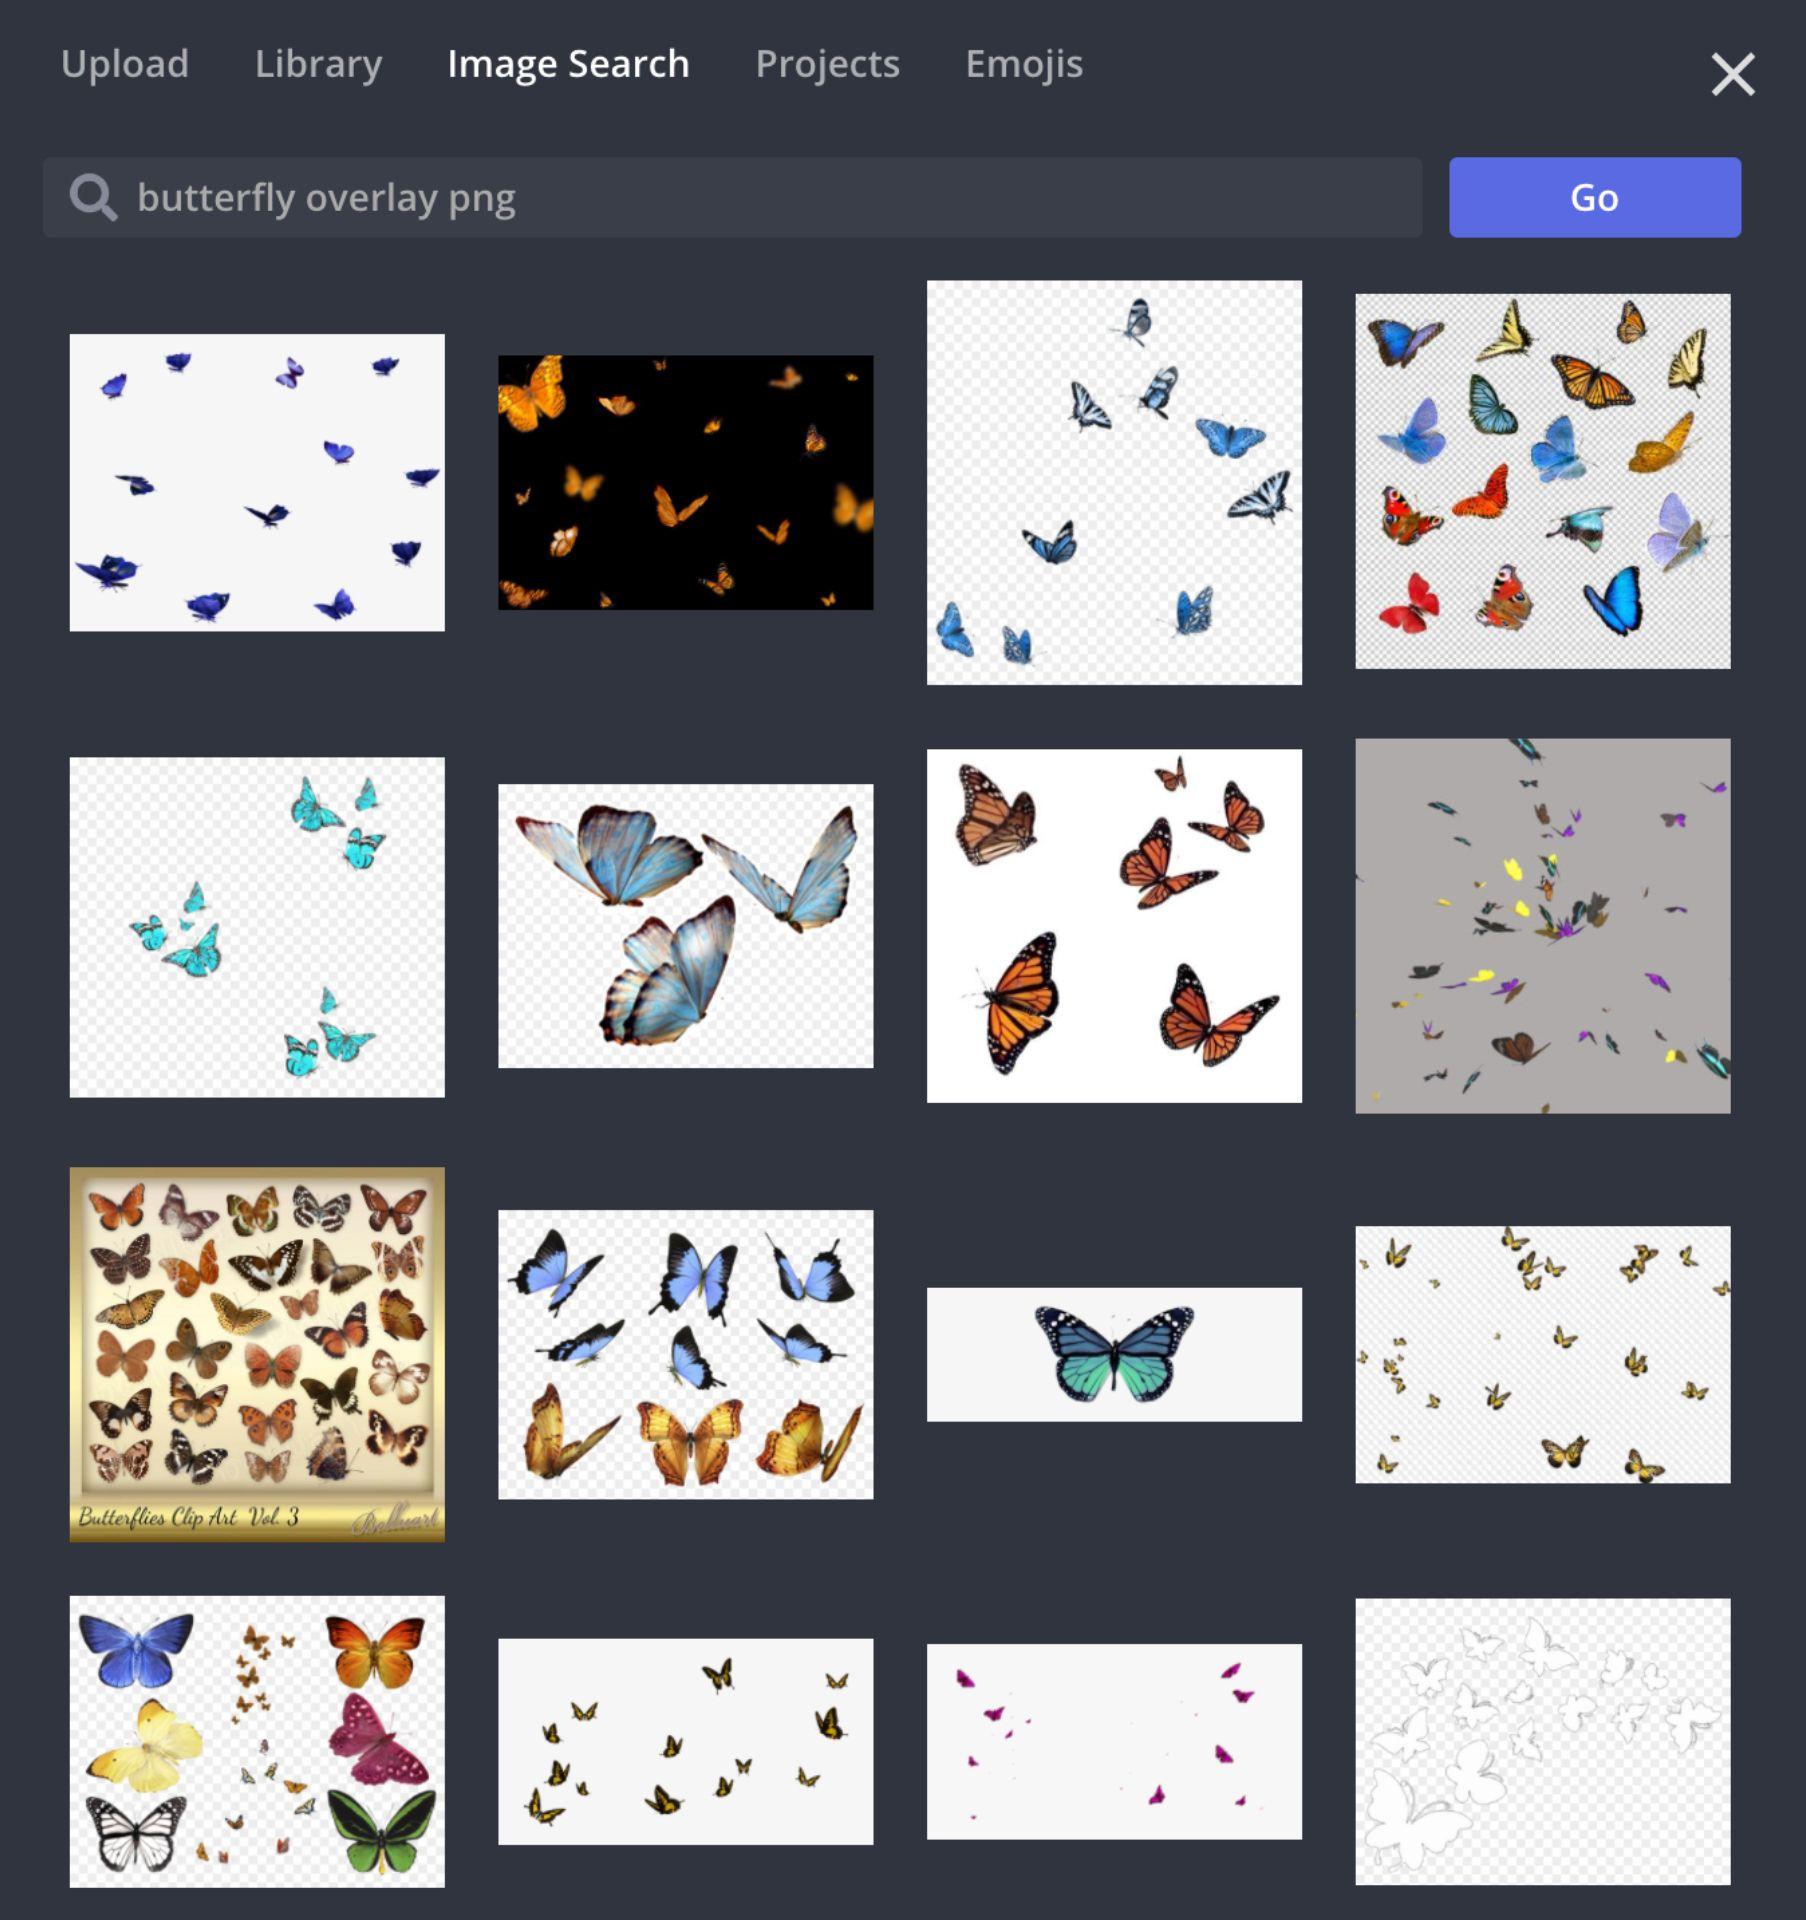 captura de pantalla de la pestaña de búsqueda de imágenes en Kapwing Studio